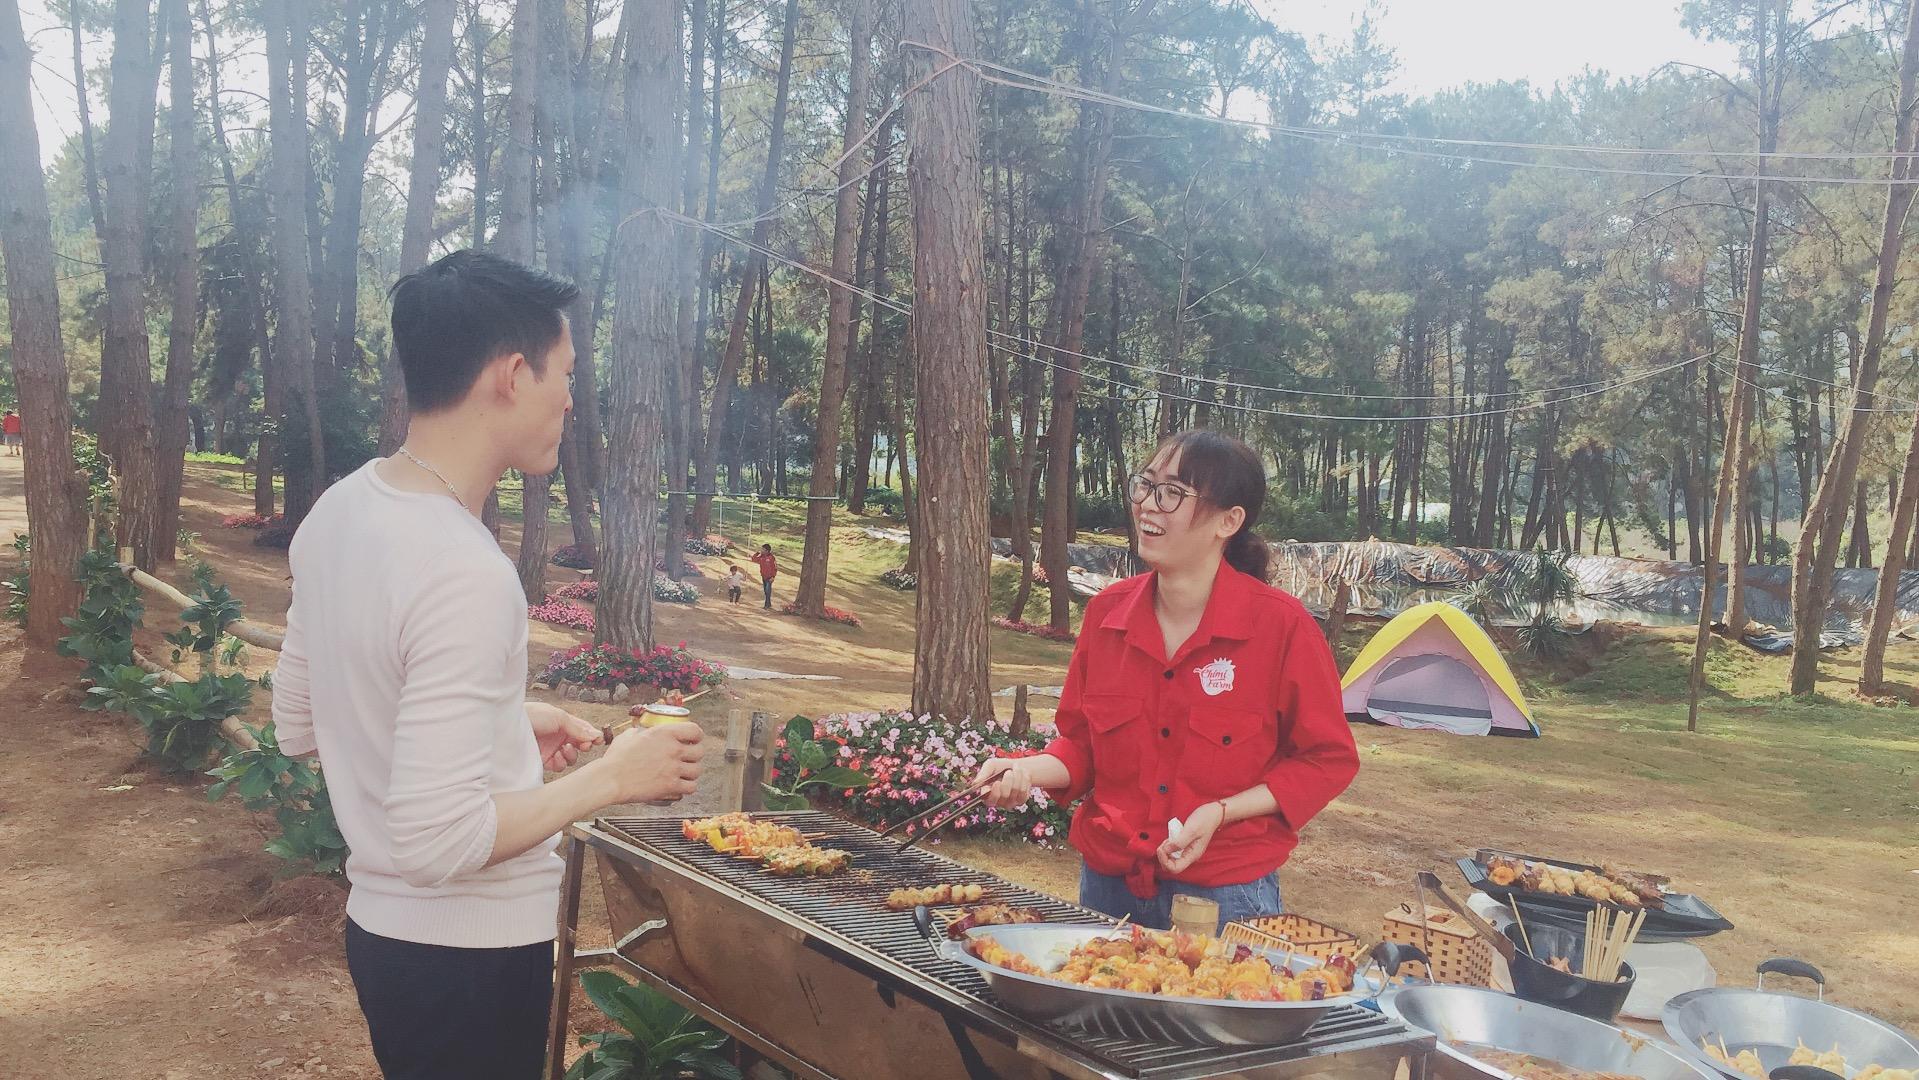 Đến với nhà hàng Chimi du khách sẽ được trải nghiệm không gian ăn uống tiệc ngoài trời